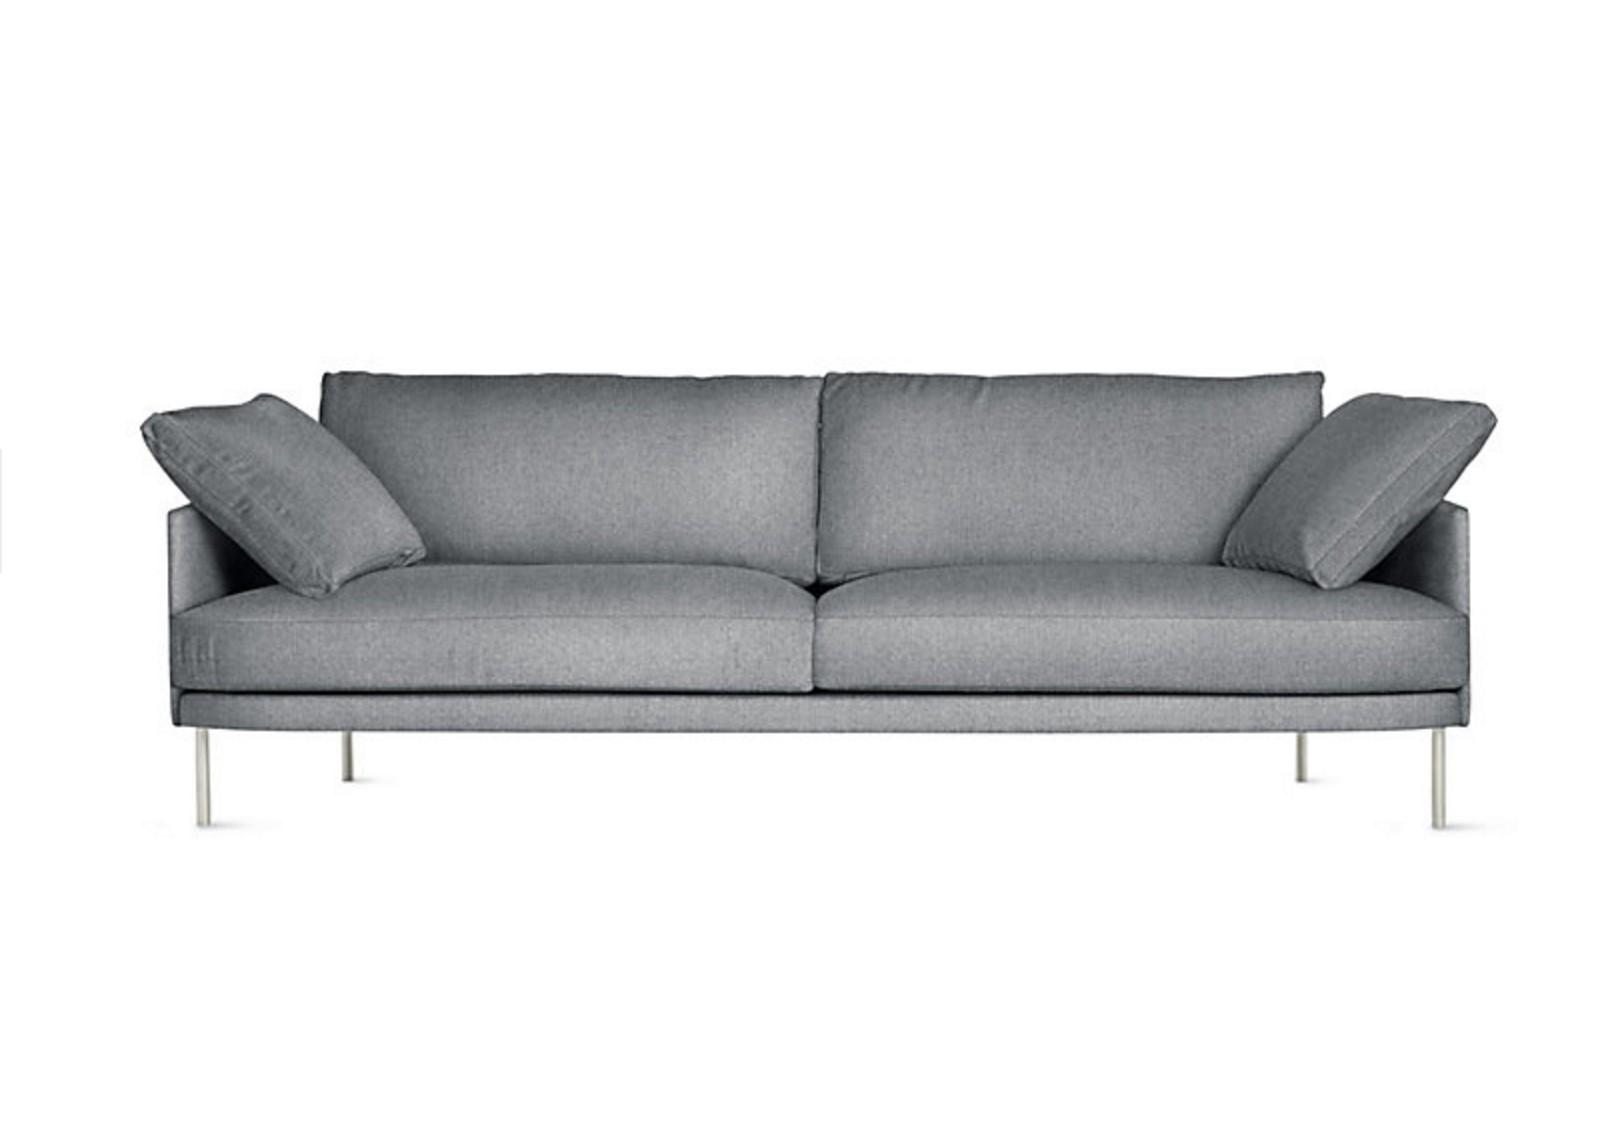 Диван CampbelТрехместные диваны<br>Простые геометрические формы и симметрия, присущие скандинавскому стилю, сочетаются в этом диване с изящными ножками. Получается легкий силуэт, идеально подходящий для современного интерьера. Отлично выглядит на паркете или безворсовом ковре с геометрическим узором.&amp;amp;nbsp;&amp;lt;div&amp;gt;Вы можете выбрать из 200 цветов именно тот, который настроит вас на расслабление и отдых.&amp;lt;/div&amp;gt;<br><br>Material: Текстиль<br>Width см: 206<br>Depth см: 93<br>Height см: 81